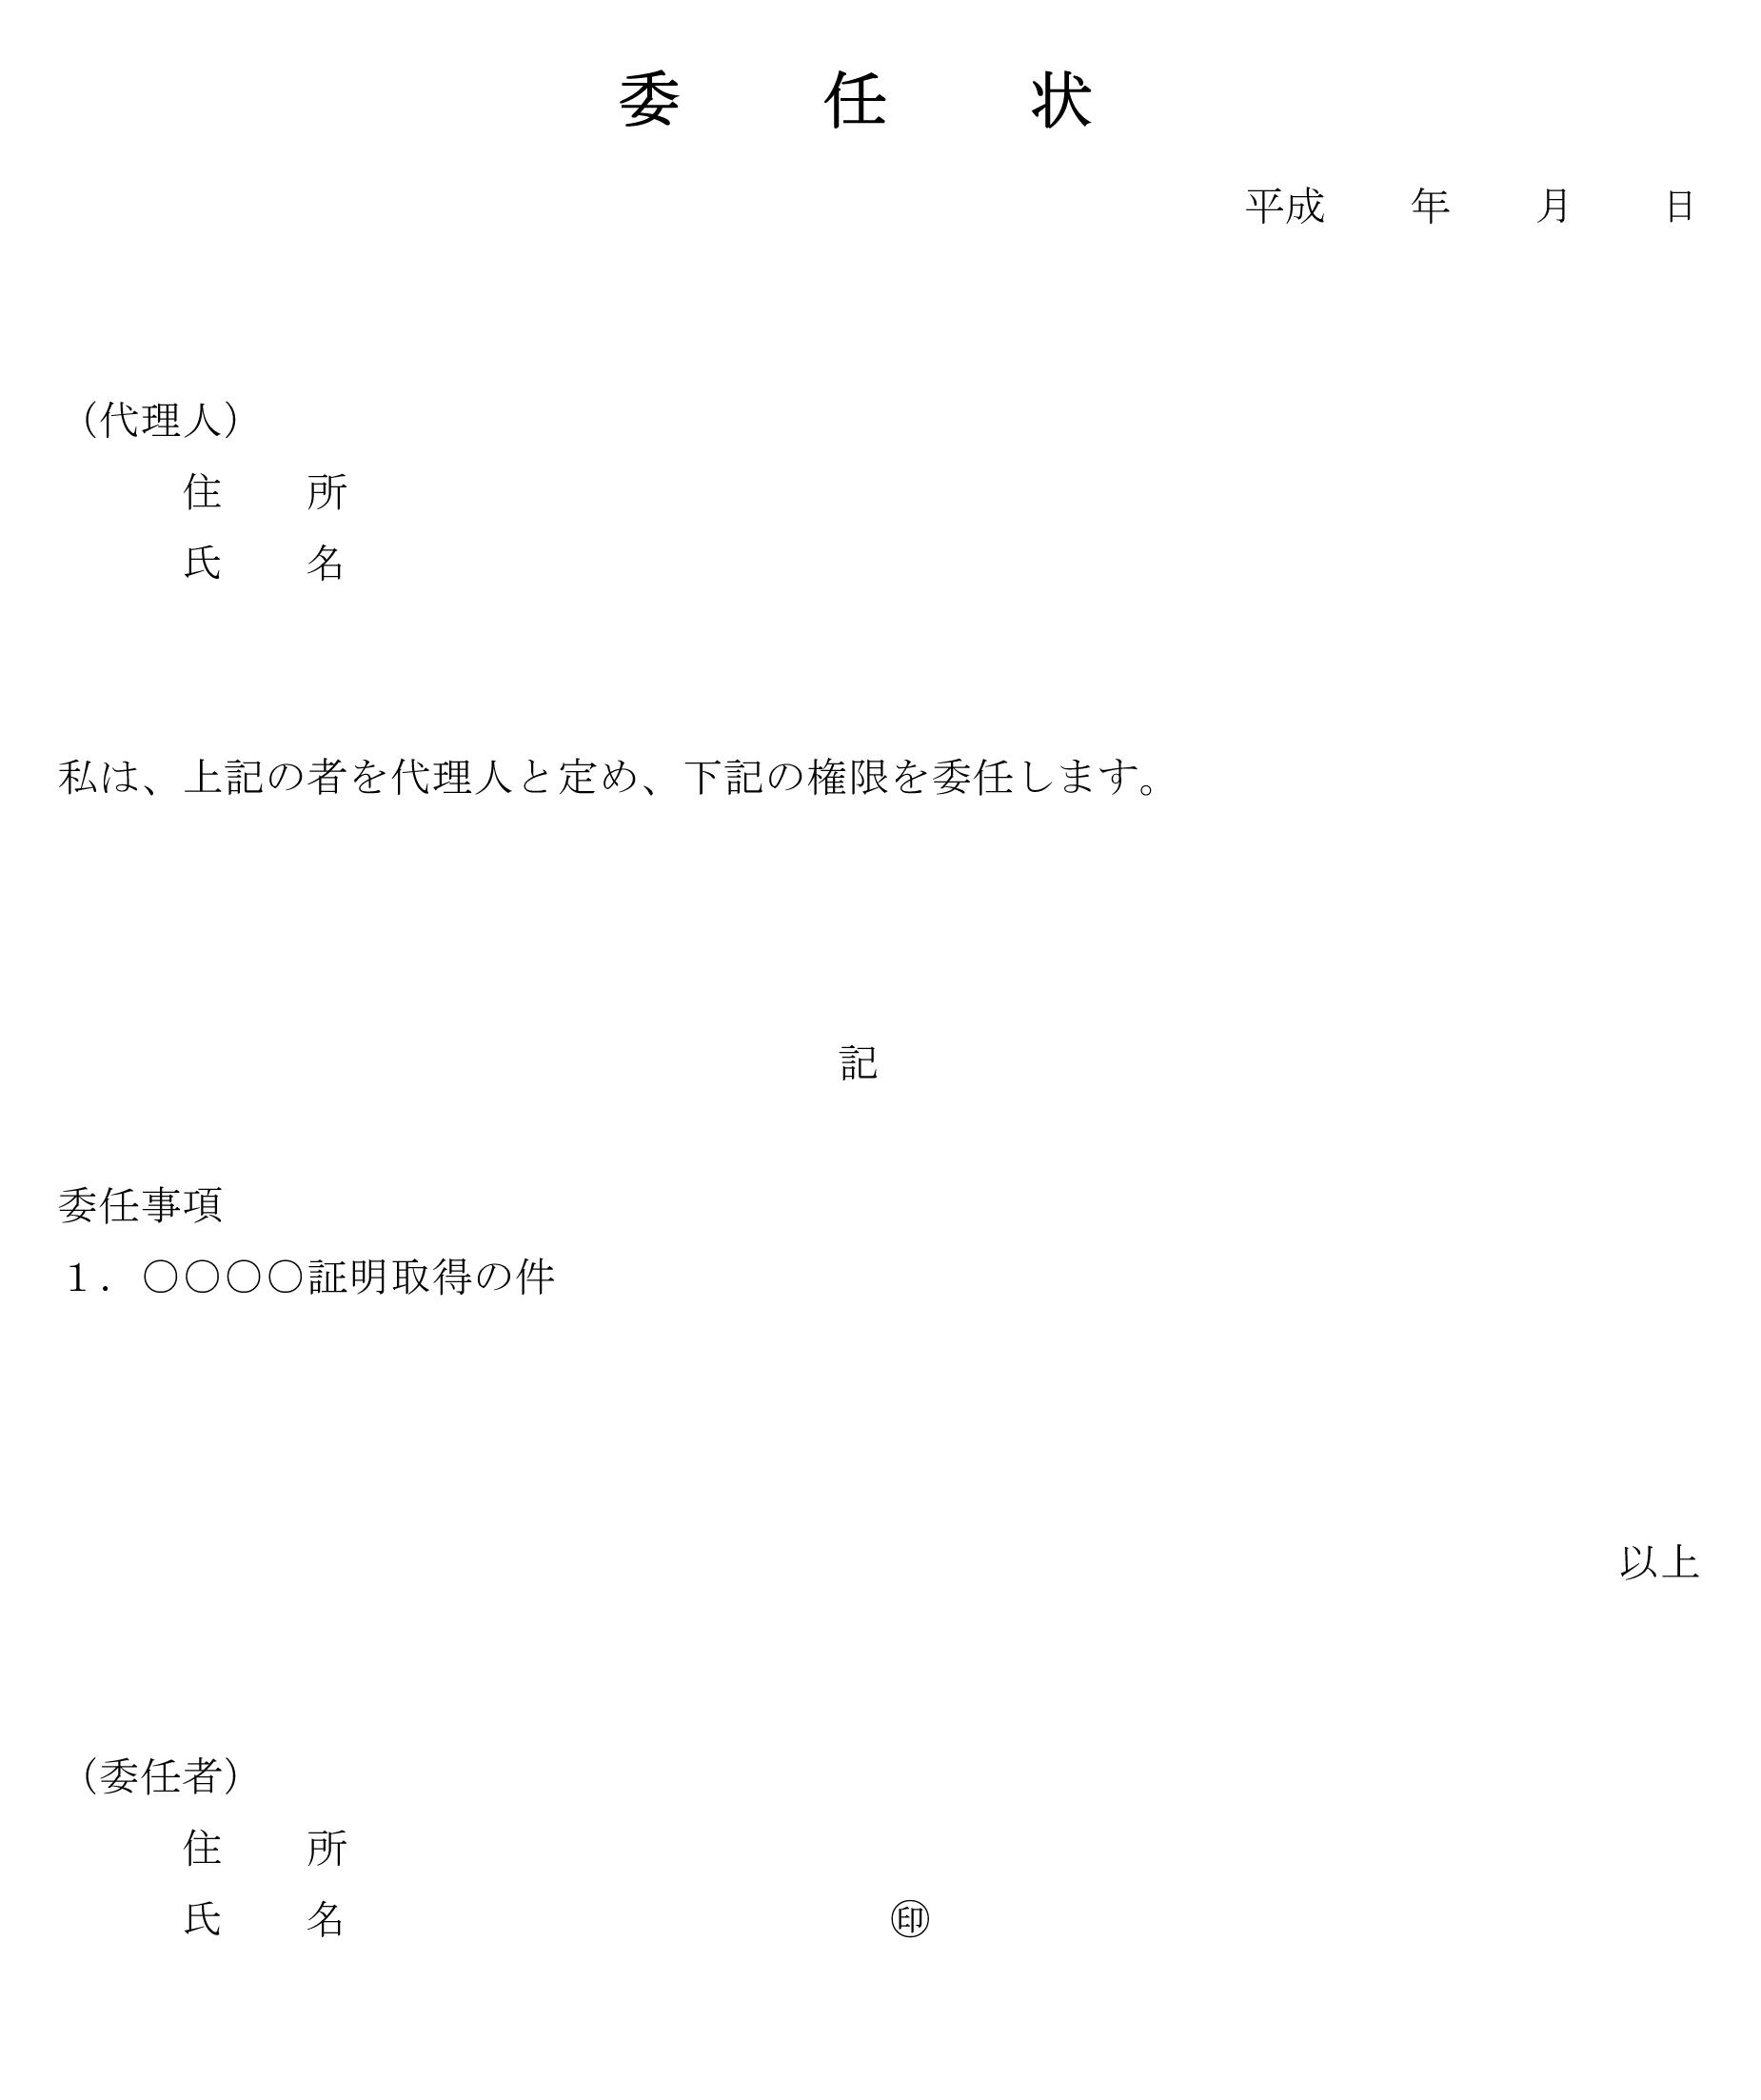 委任状(用途不問)のテンプレート書式